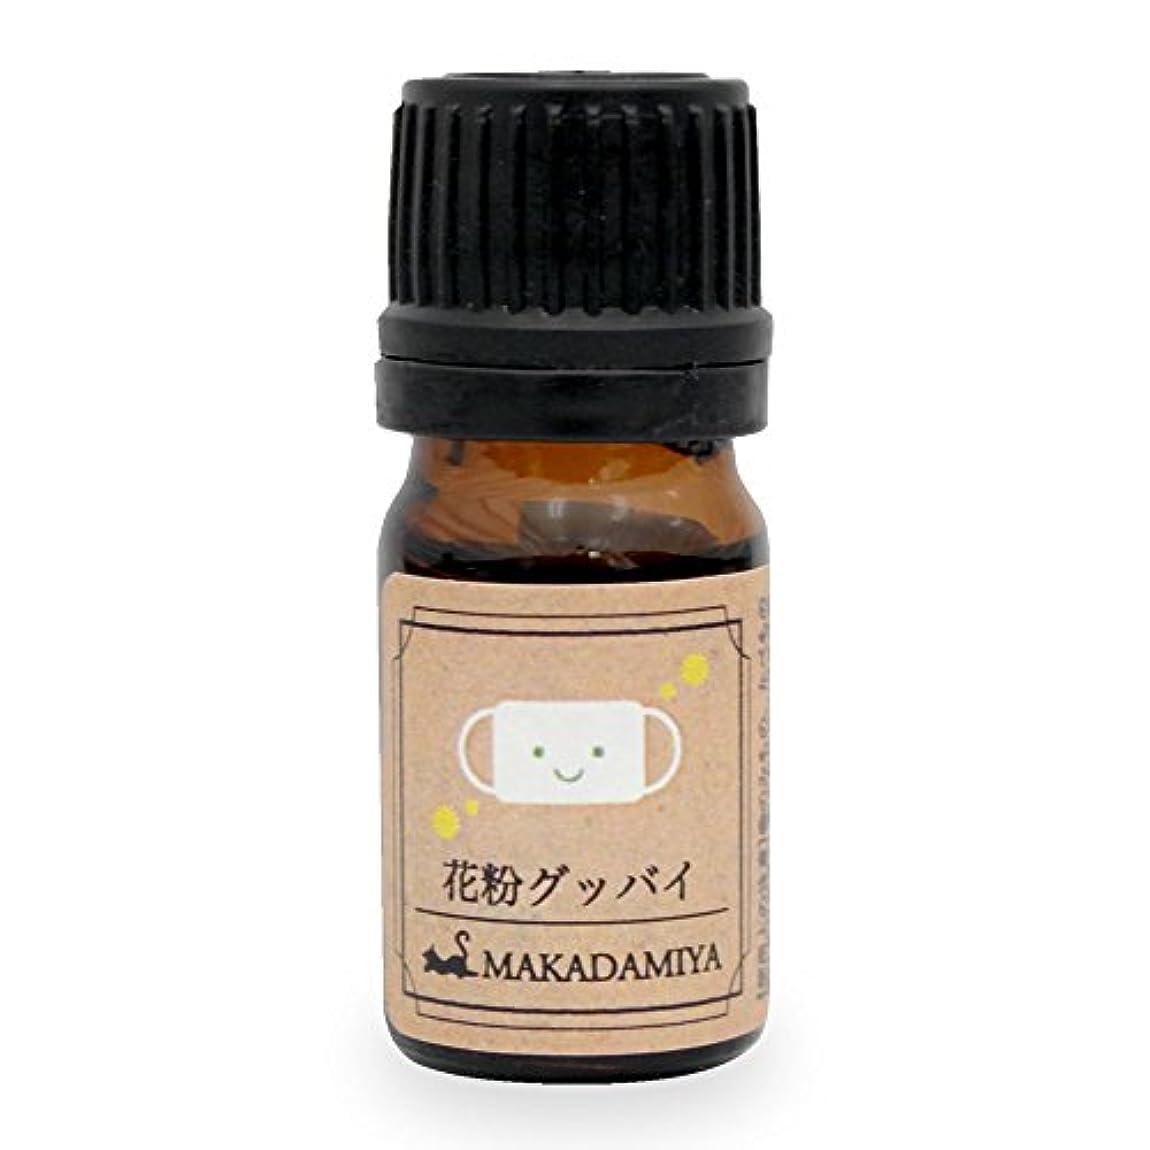 原告錫桁花粉グッバイ5ml (天然100%植物性/アロマオイル:ティートゥリー?ペパーミント?ユーカリ?ラベンダー?マートル配合)